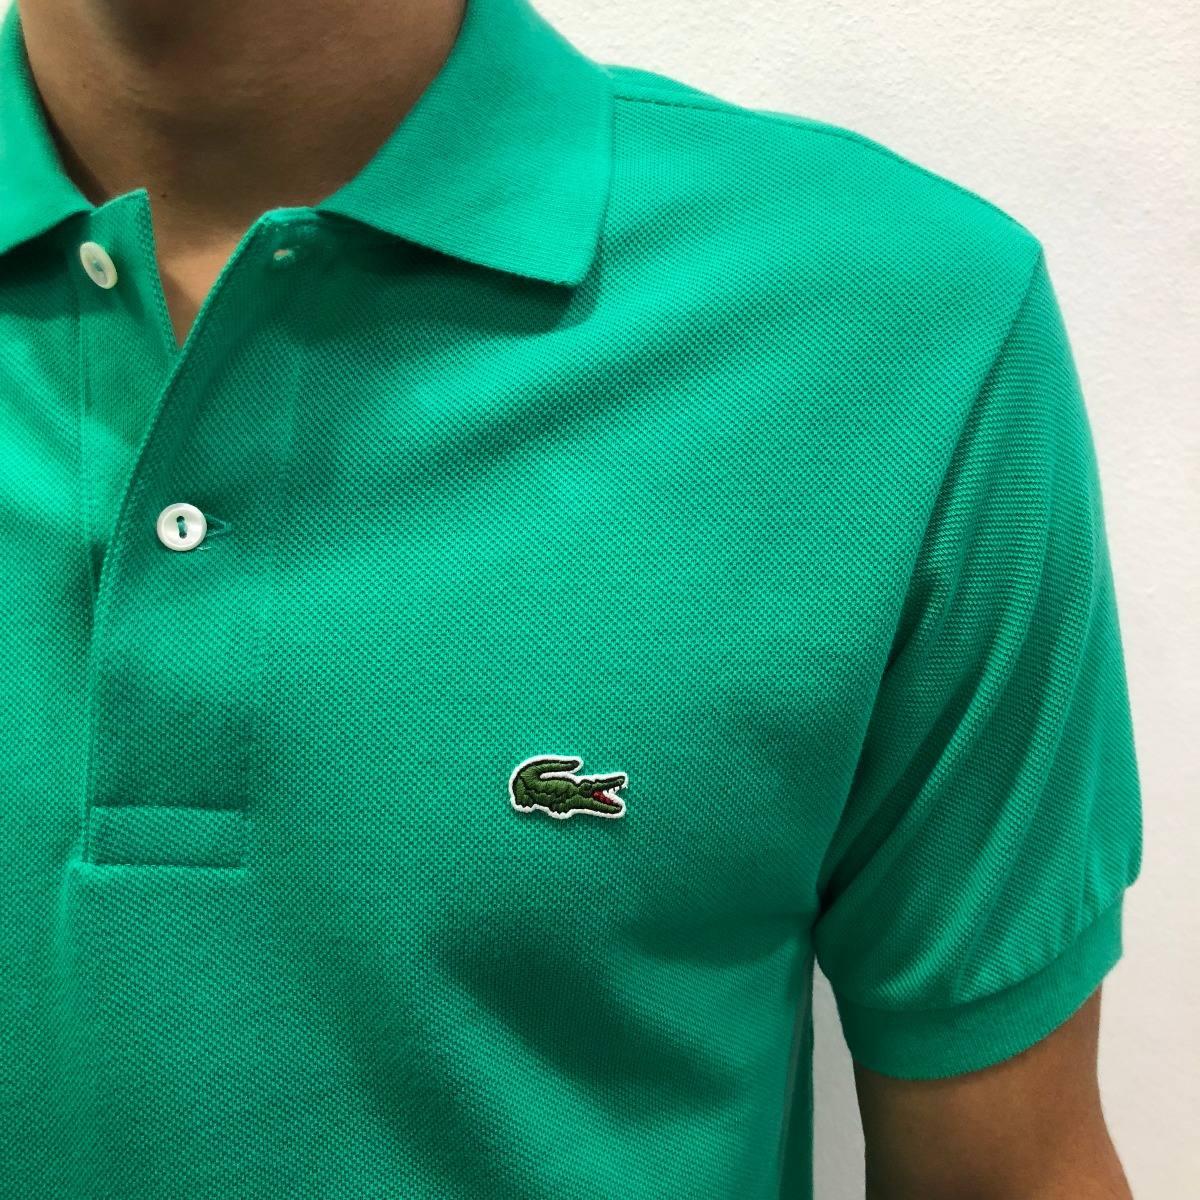 camiseta polo lacoste original frete grátis top exclusivo. Carregando zoom. 644df10b48